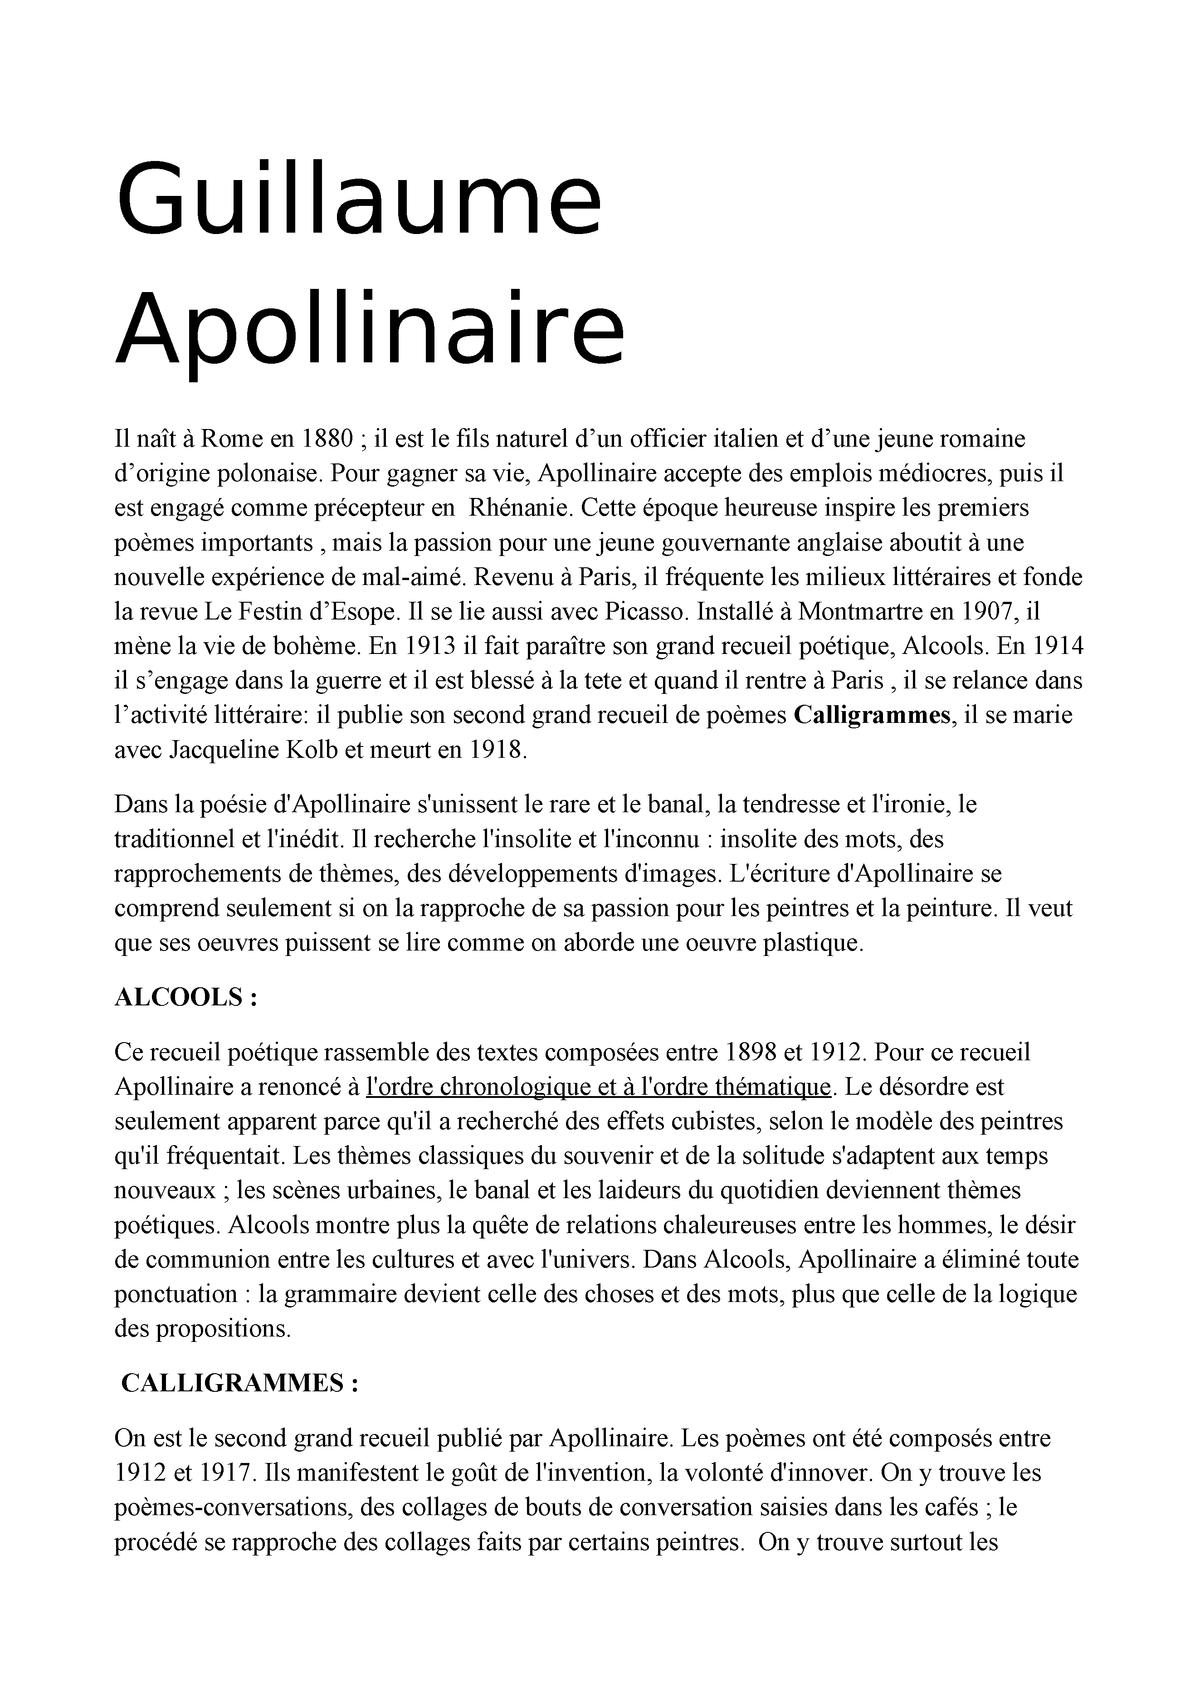 Guillaume Apollinaire Lingue Media E Pubblicita 20704039